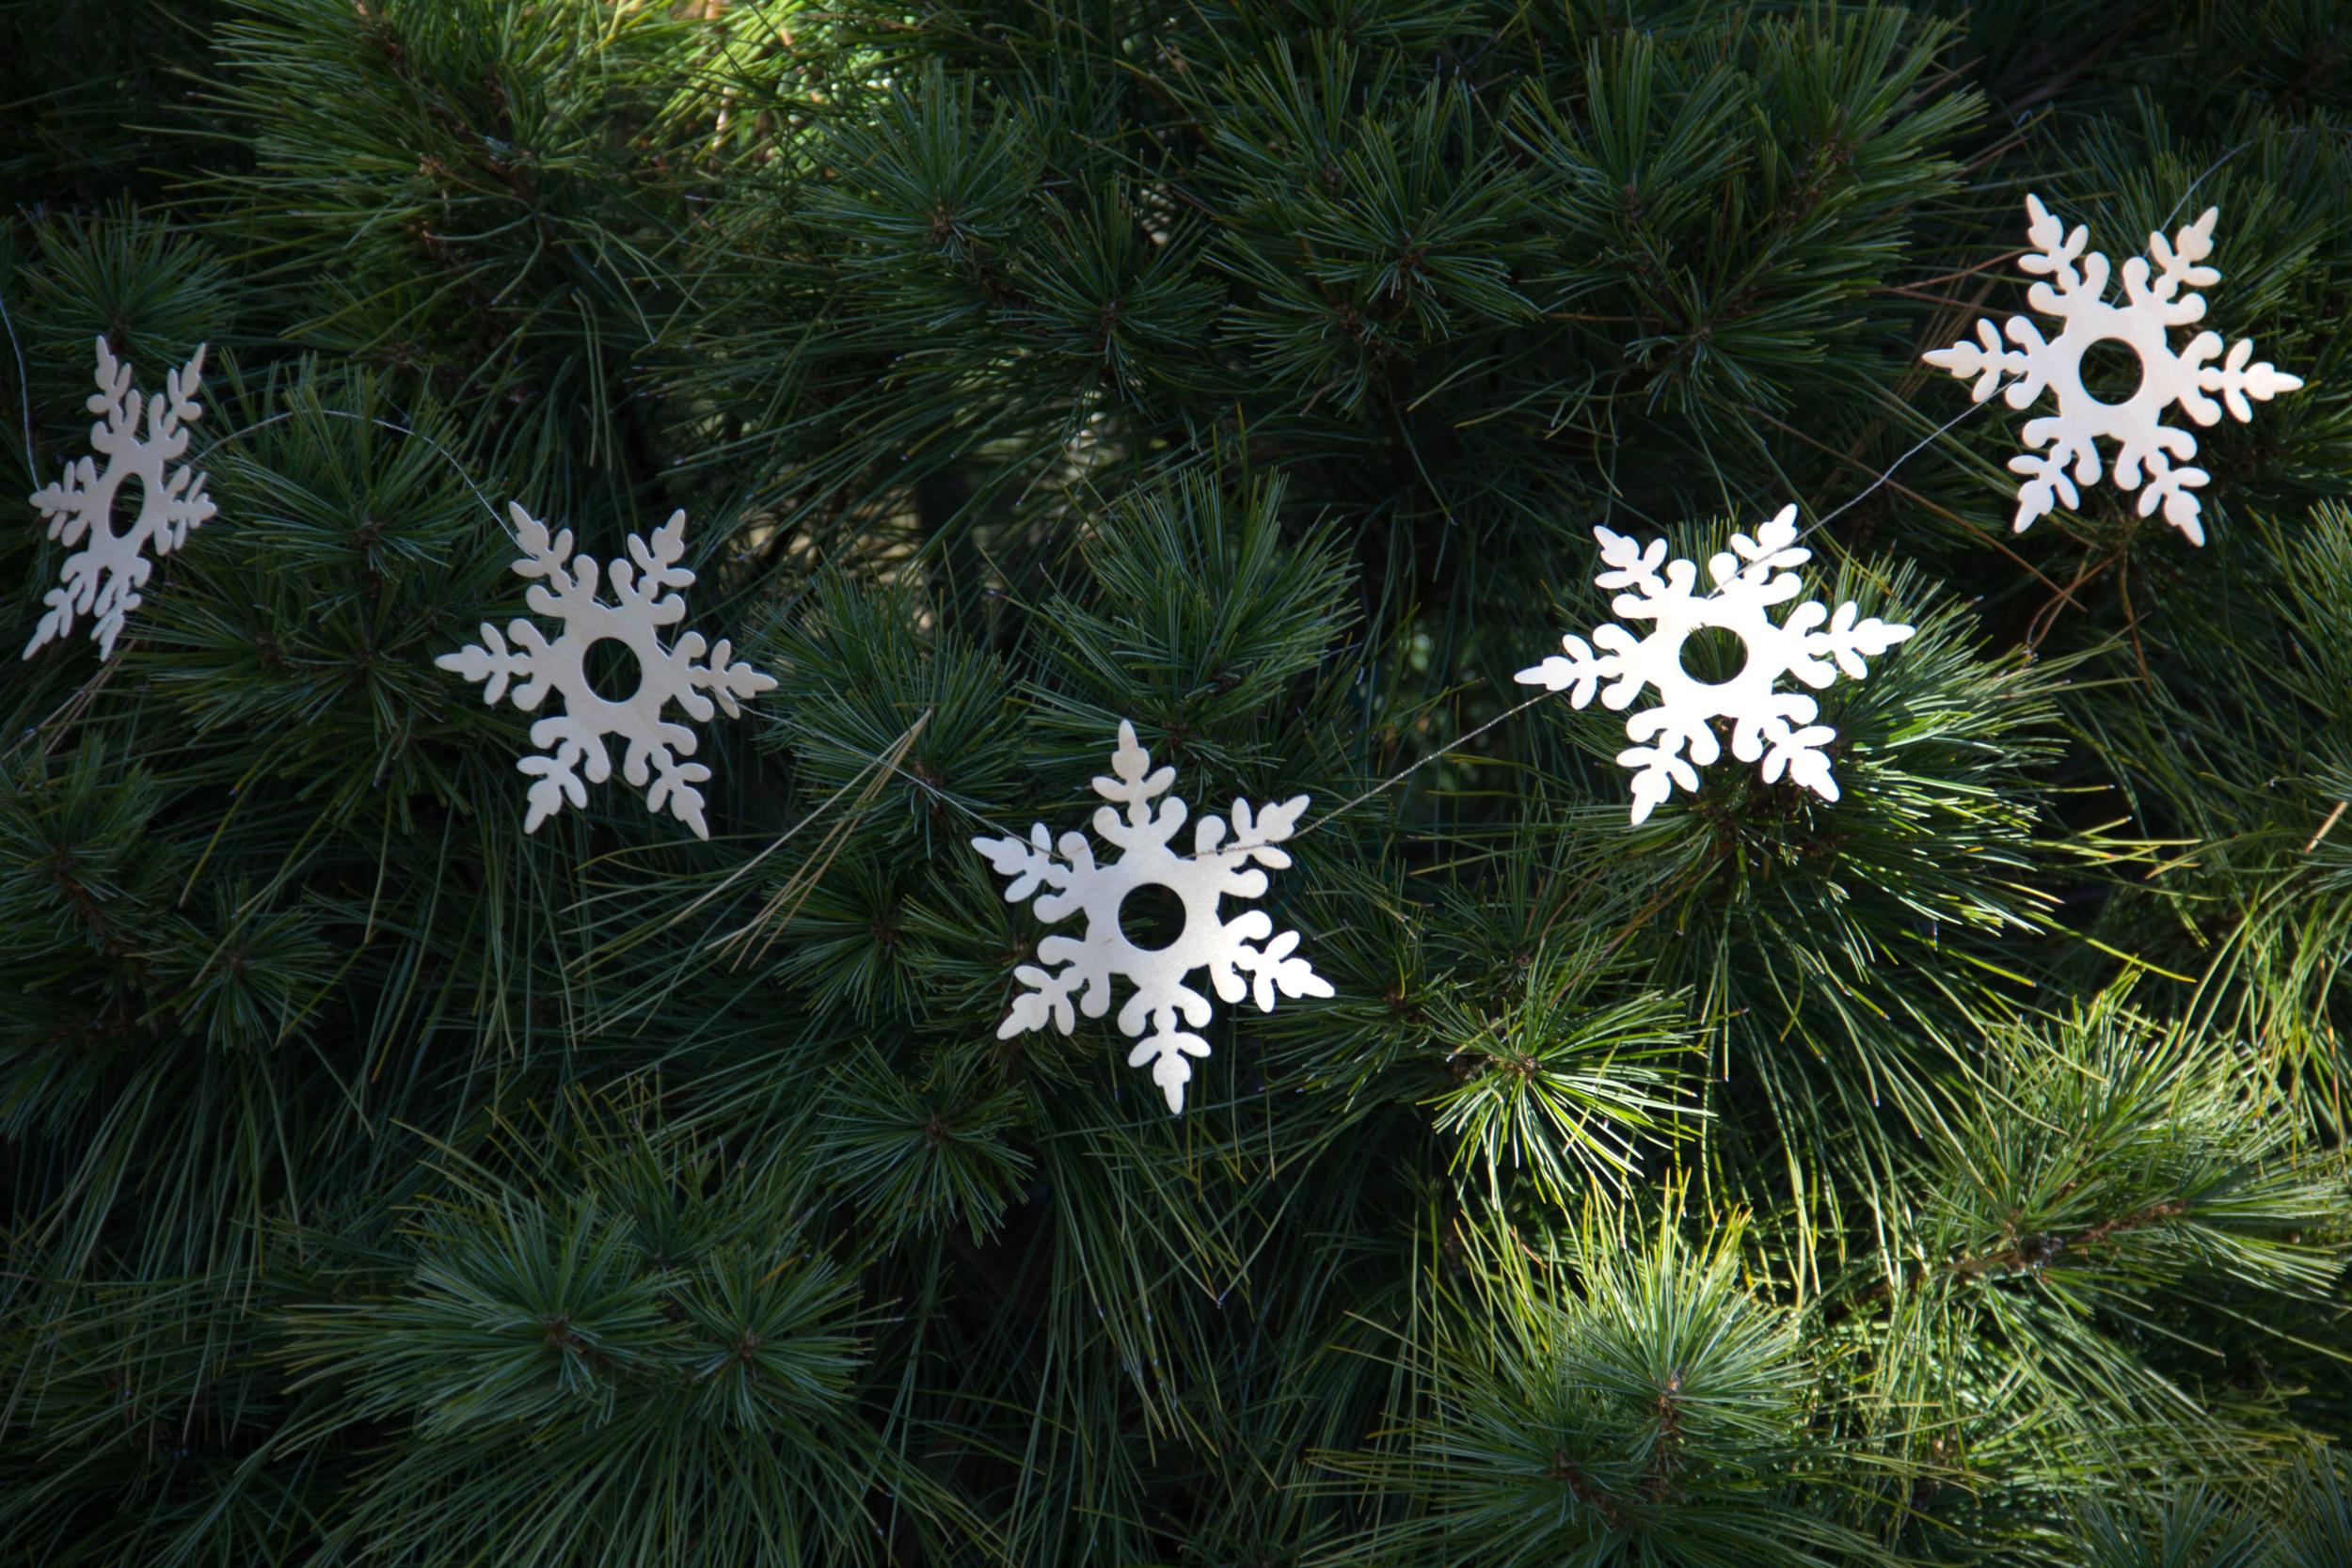 Wood paper snowflakes